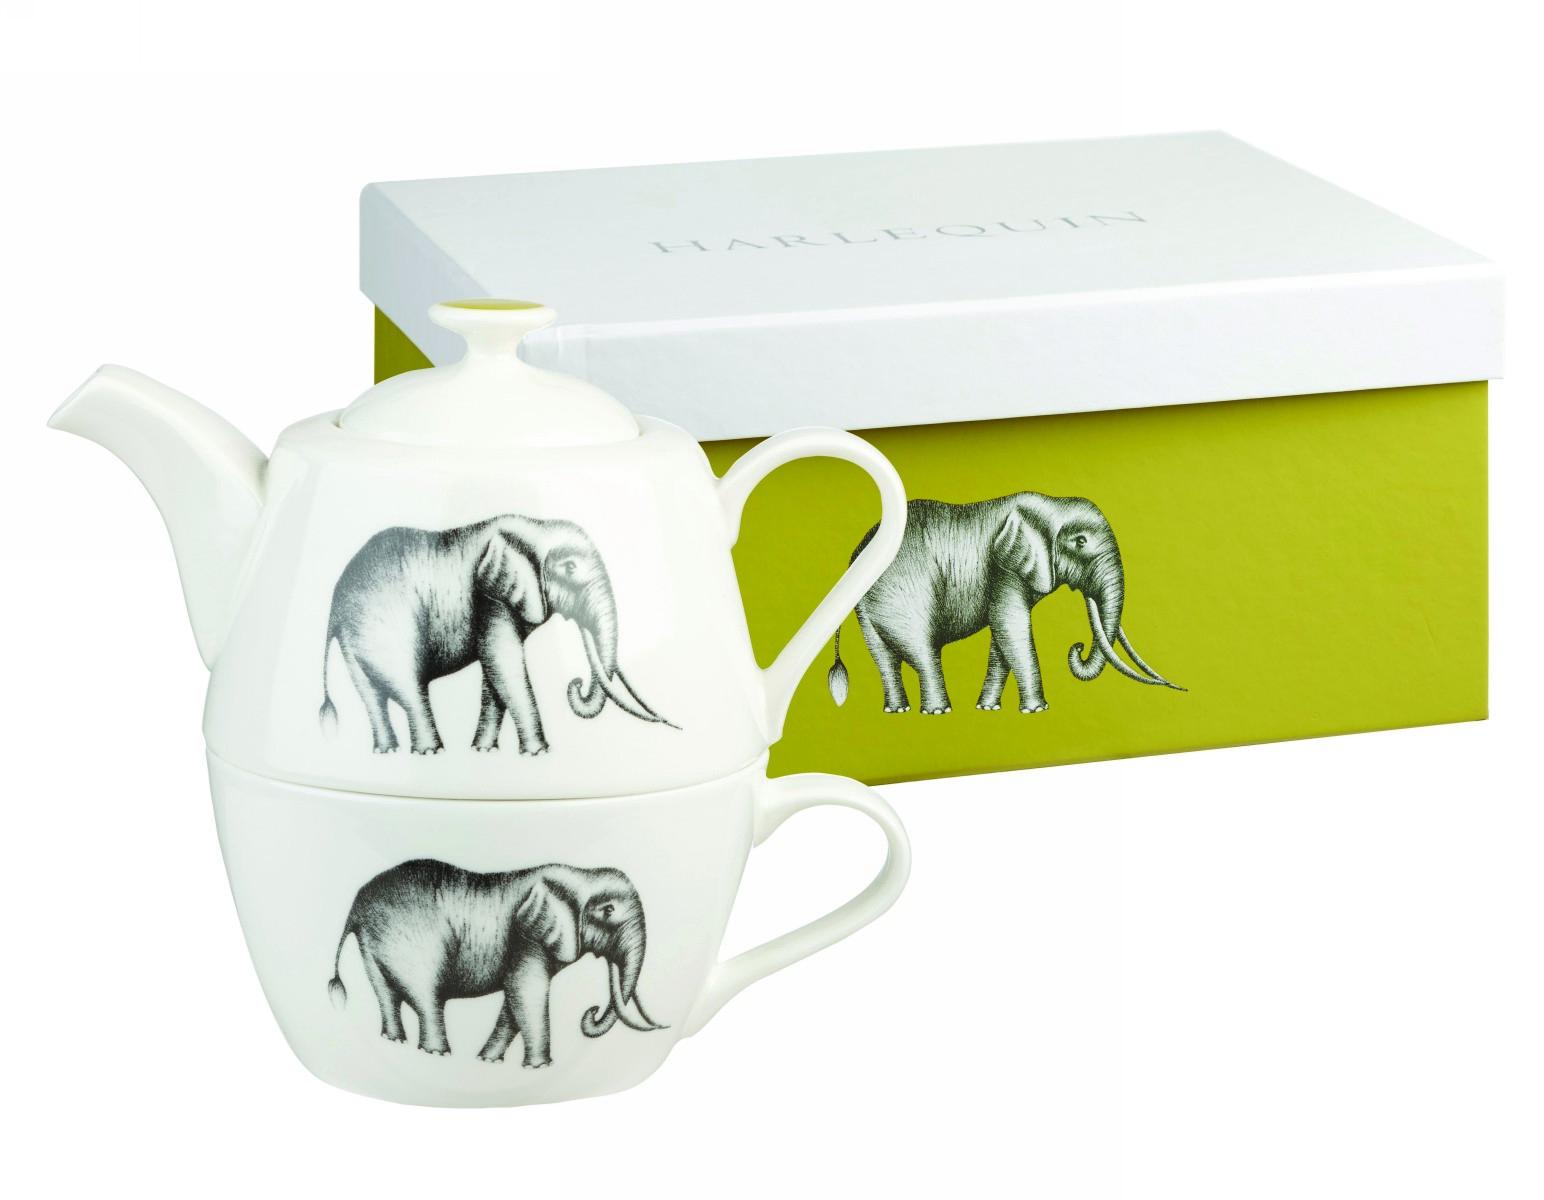 Набор Churchill: кружка и чайник, цвет: белый Саванна от Арлекин